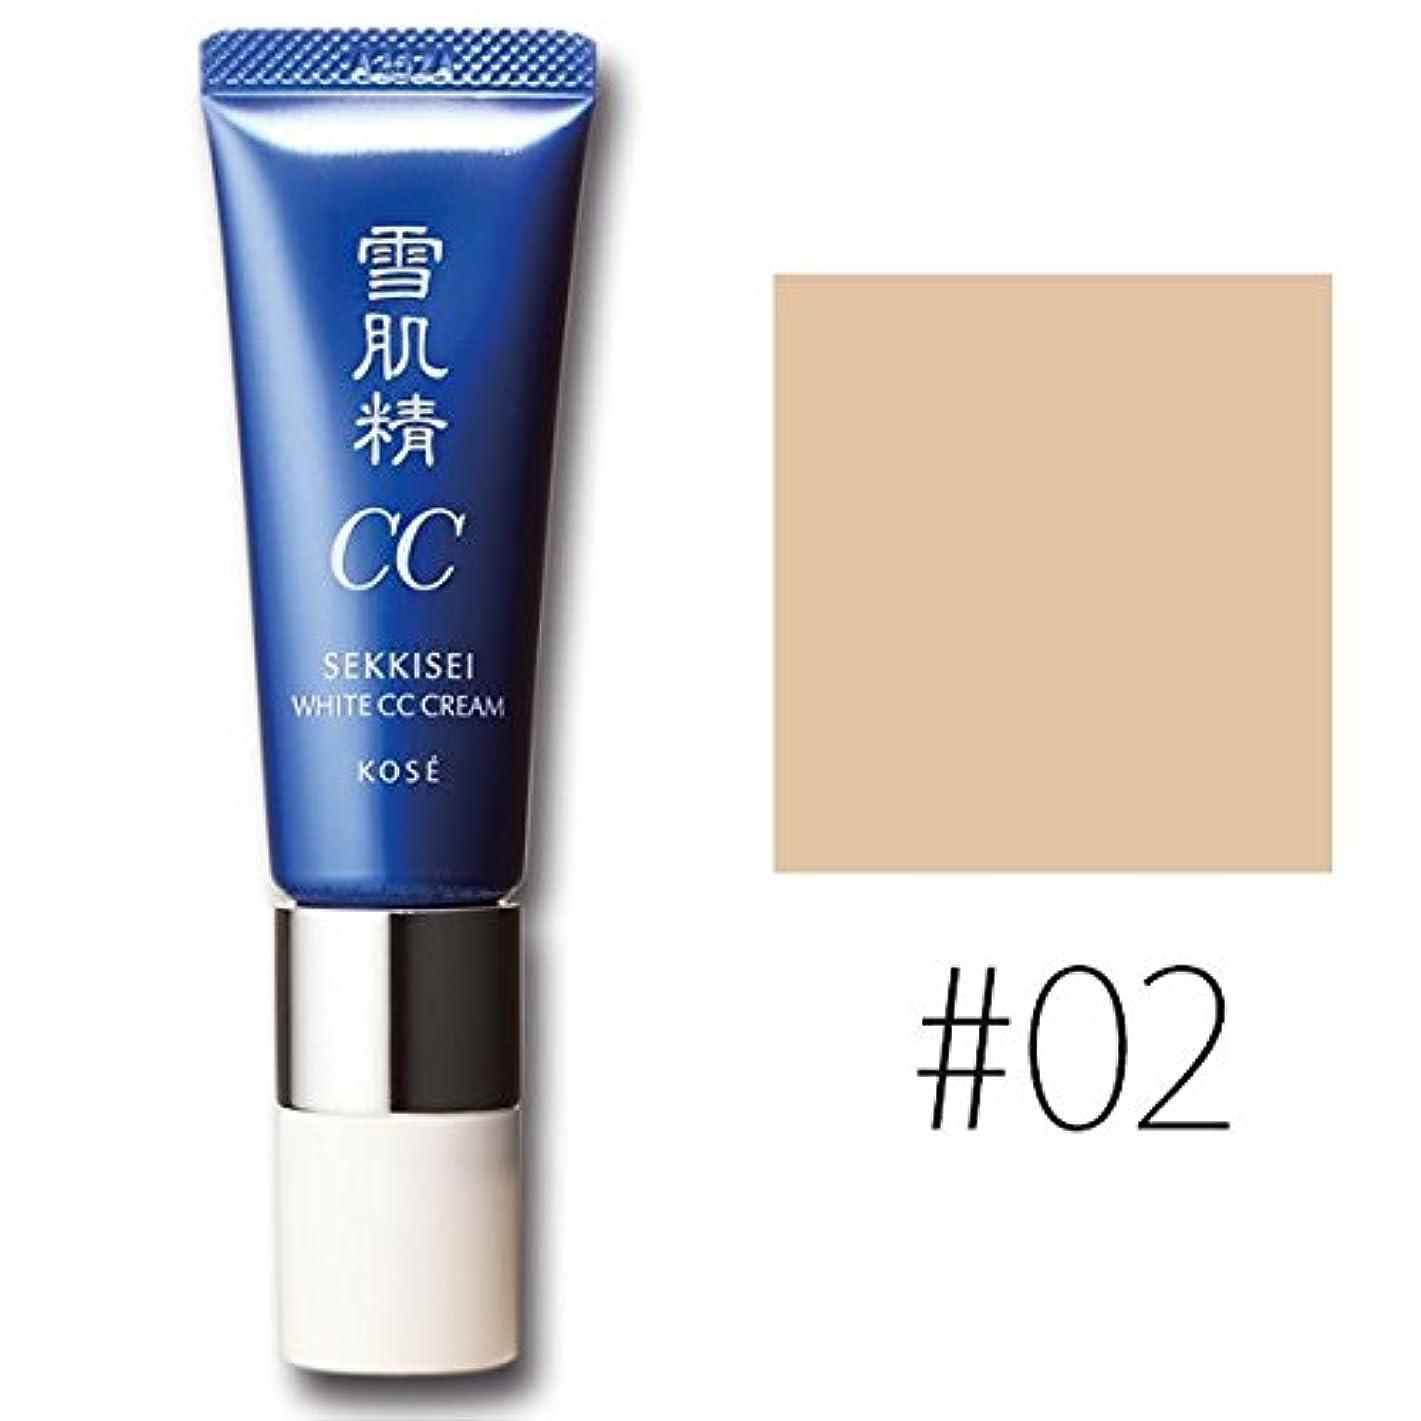 安全なんでも加入コーセー 雪肌精 ホワイト CCクリーム【#02】 #OCHRE SPF50+/PA++++ 30g